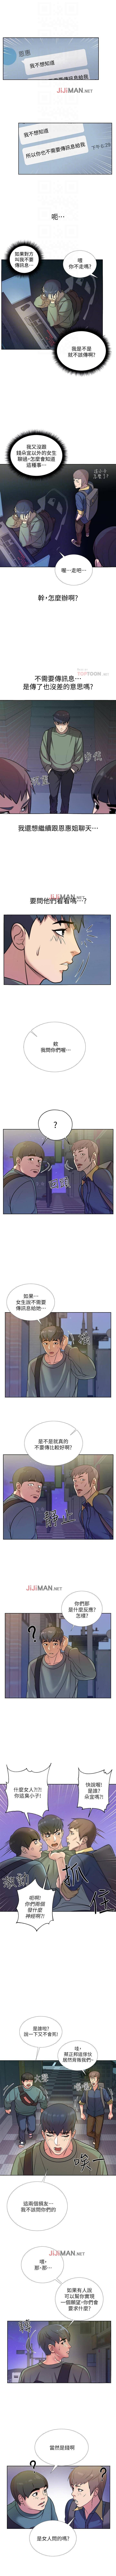 【周三连载】超市的漂亮姐姐(作者:北鼻&逃兵) 第1~20话 51